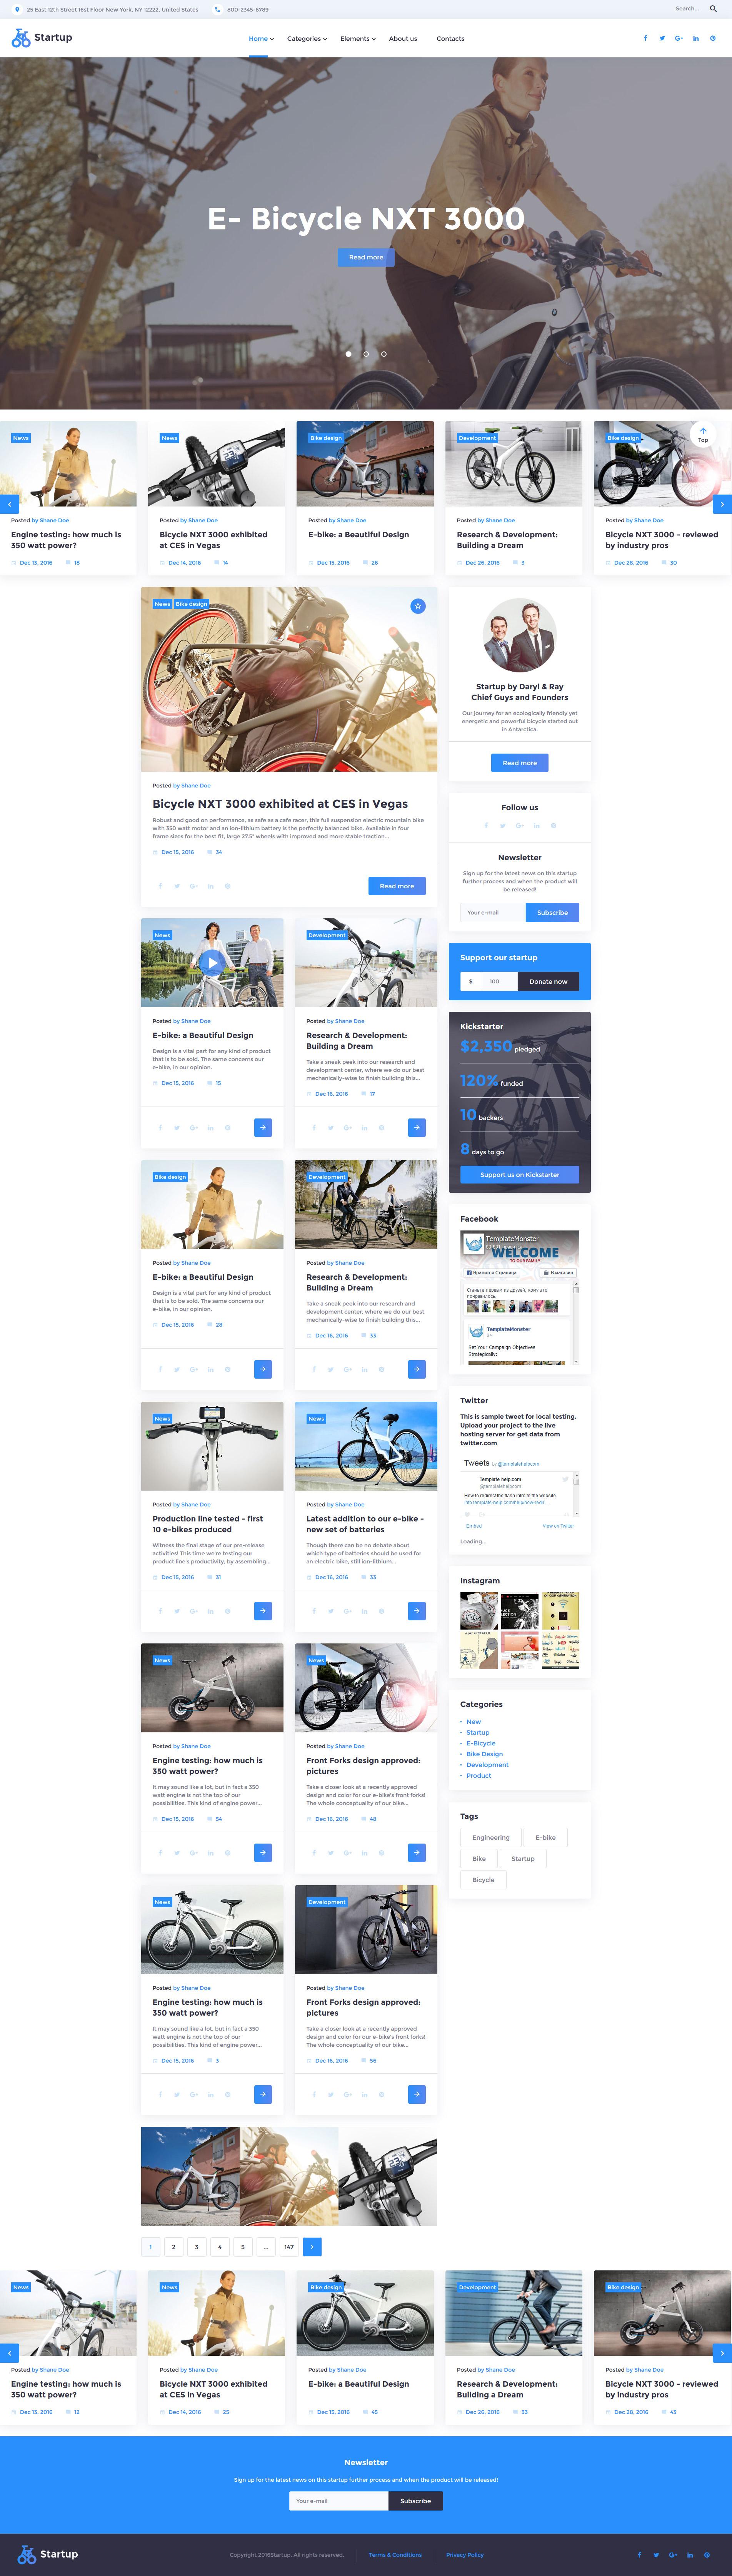 """""""Startup"""" modèle web adaptatif #58730 - screenshot"""